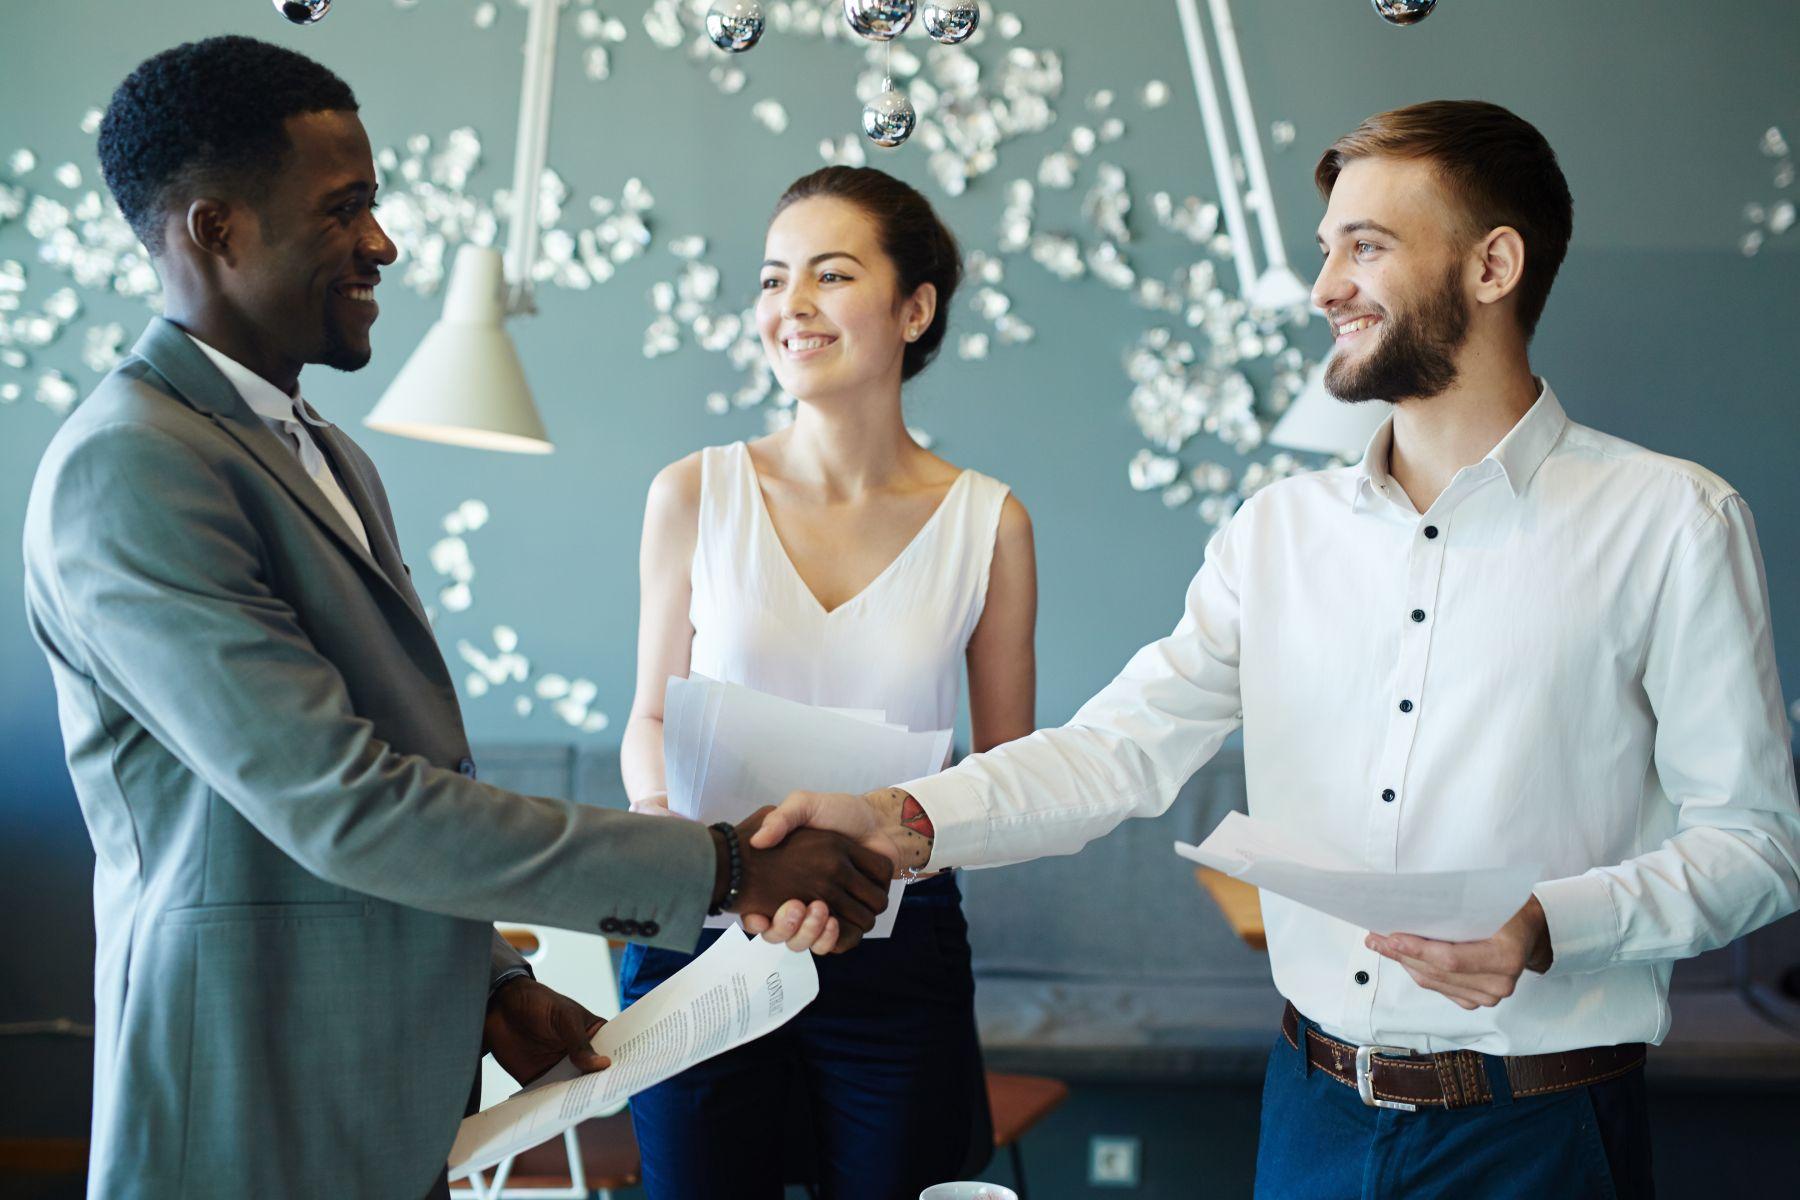 在國外或外商公司 如何用英語談判獲得更高薪水?